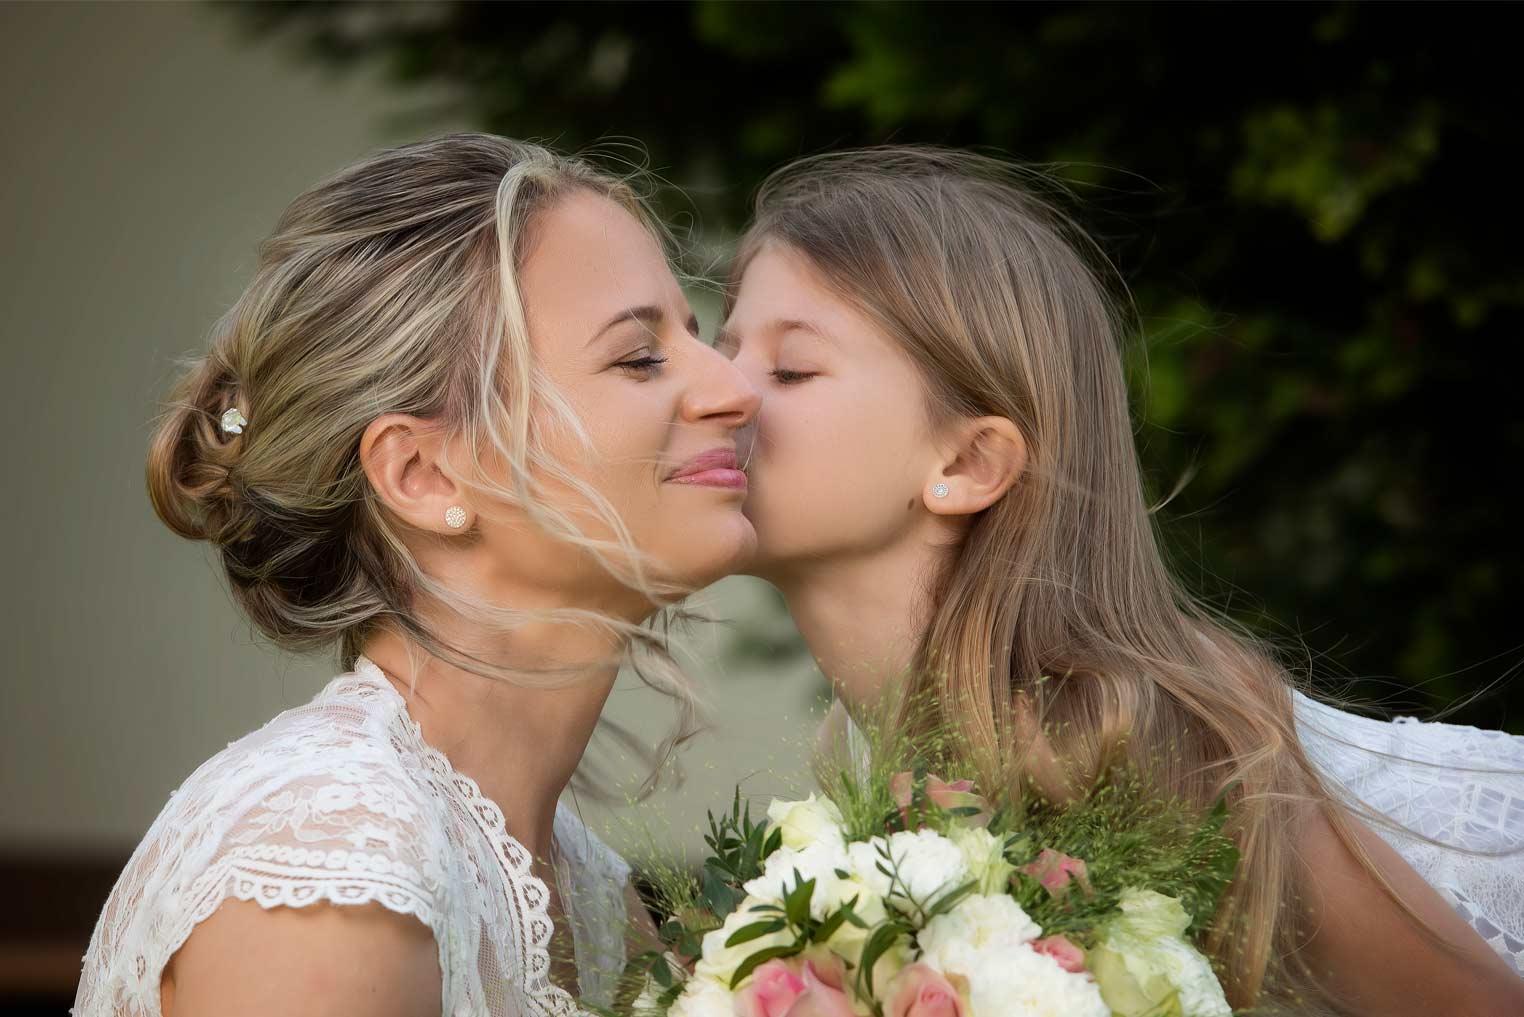 True-Creative-Agency-Hochzeitsfotografie-17-1